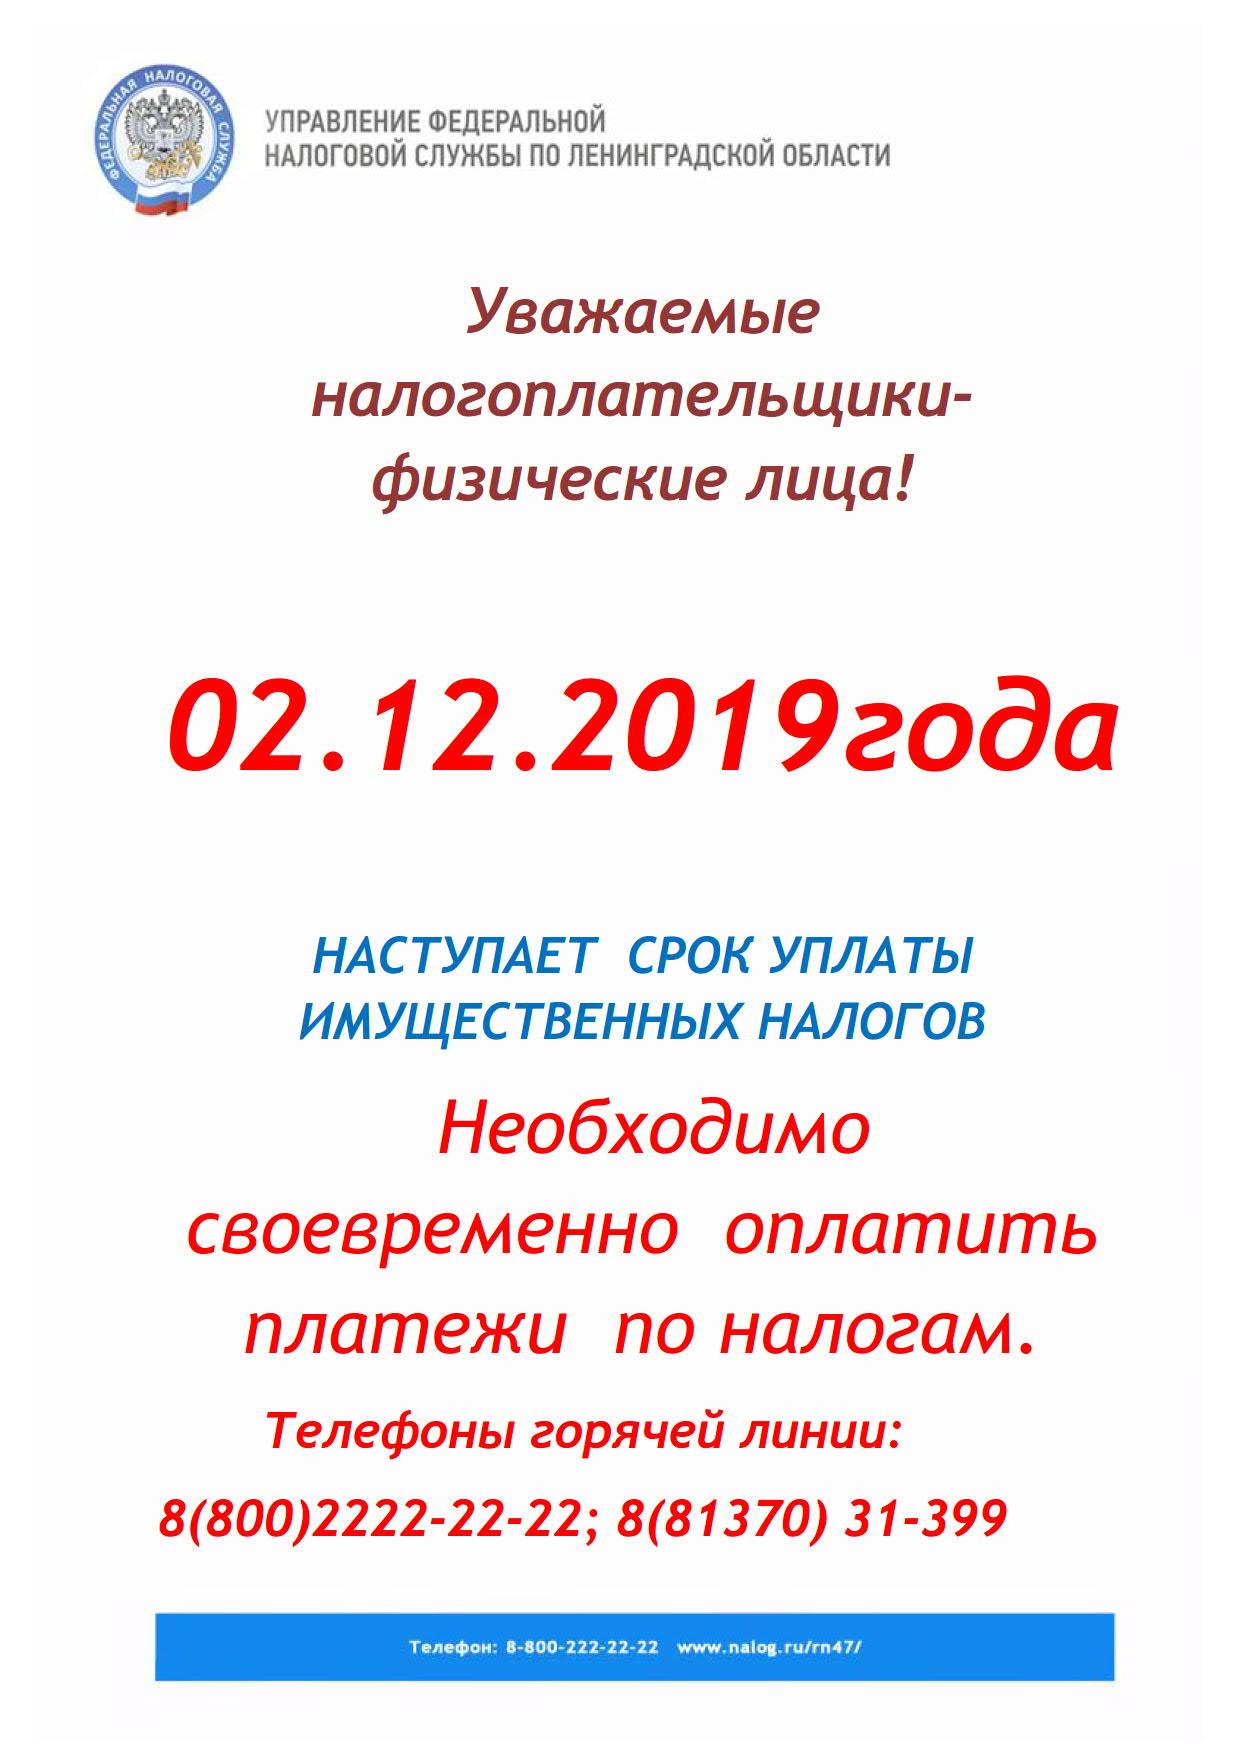 02.12.2019 срок уплаты_1